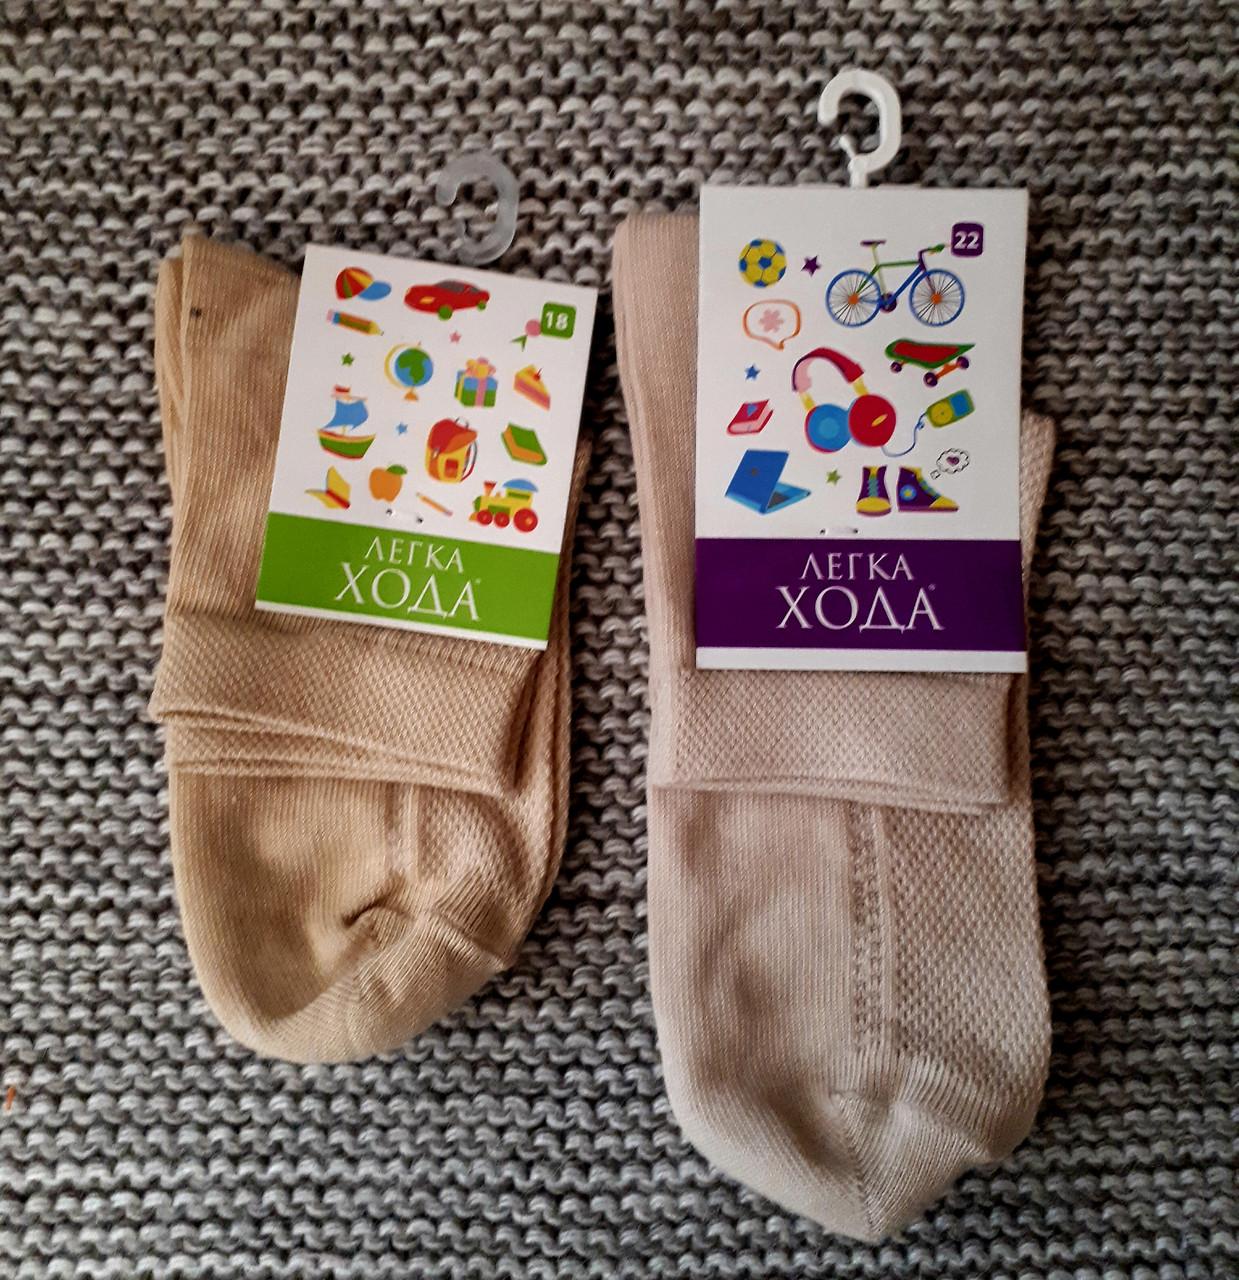 Носочки детские в дырочку бежевого цвета ТМ Легка хода  (Украина)  размер 18 22